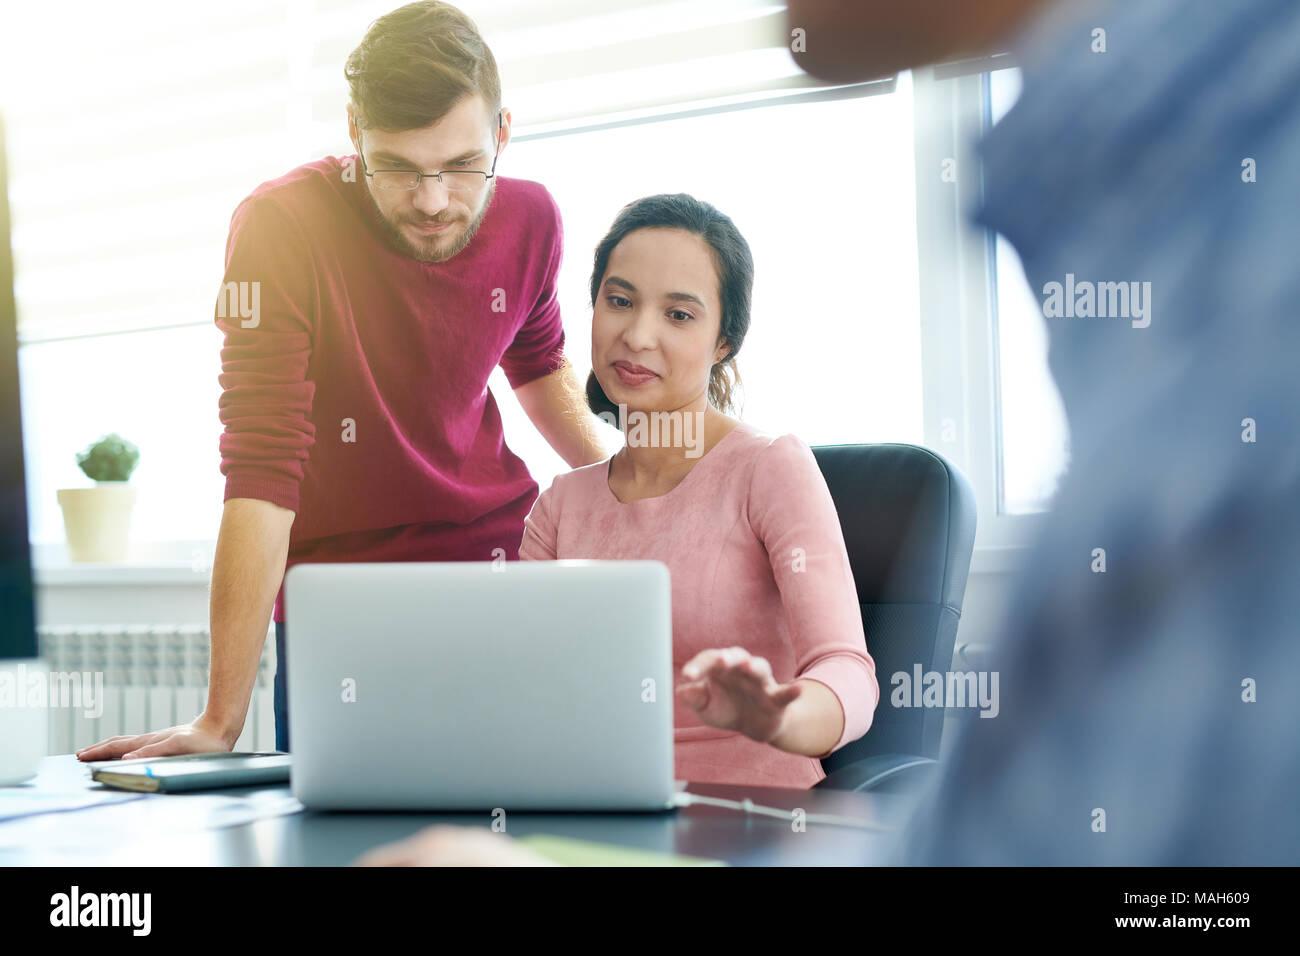 Colleghi di lavoro analizzando report online Immagini Stock